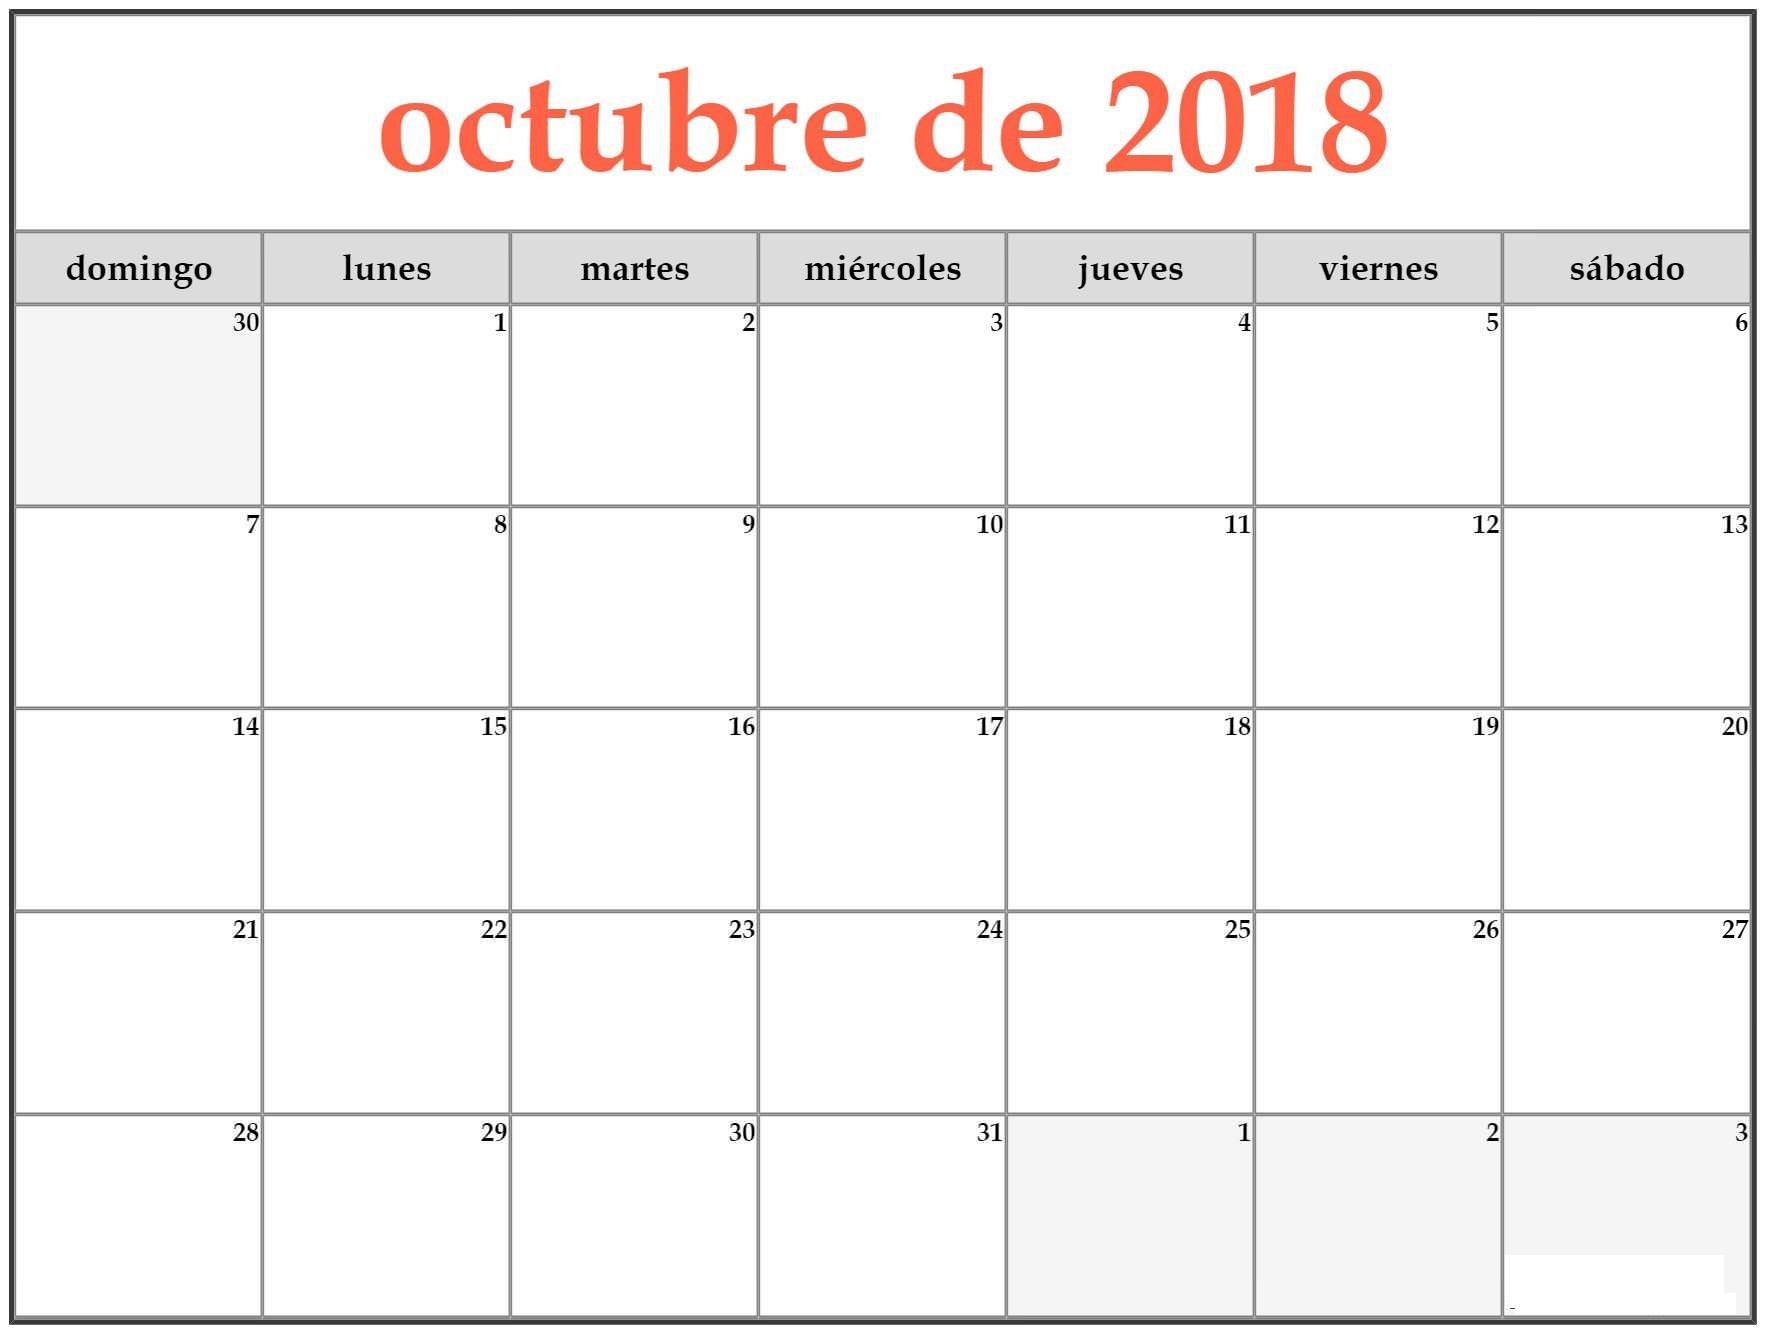 Calendario Imprimir Octubre Más Actual Best Calendario Del Mes De Octubre Image Collection Of Calendario Imprimir Octubre Más Actual Calendario 2019 Agosto Calendario Mensual Moderno De Estilo Minimal